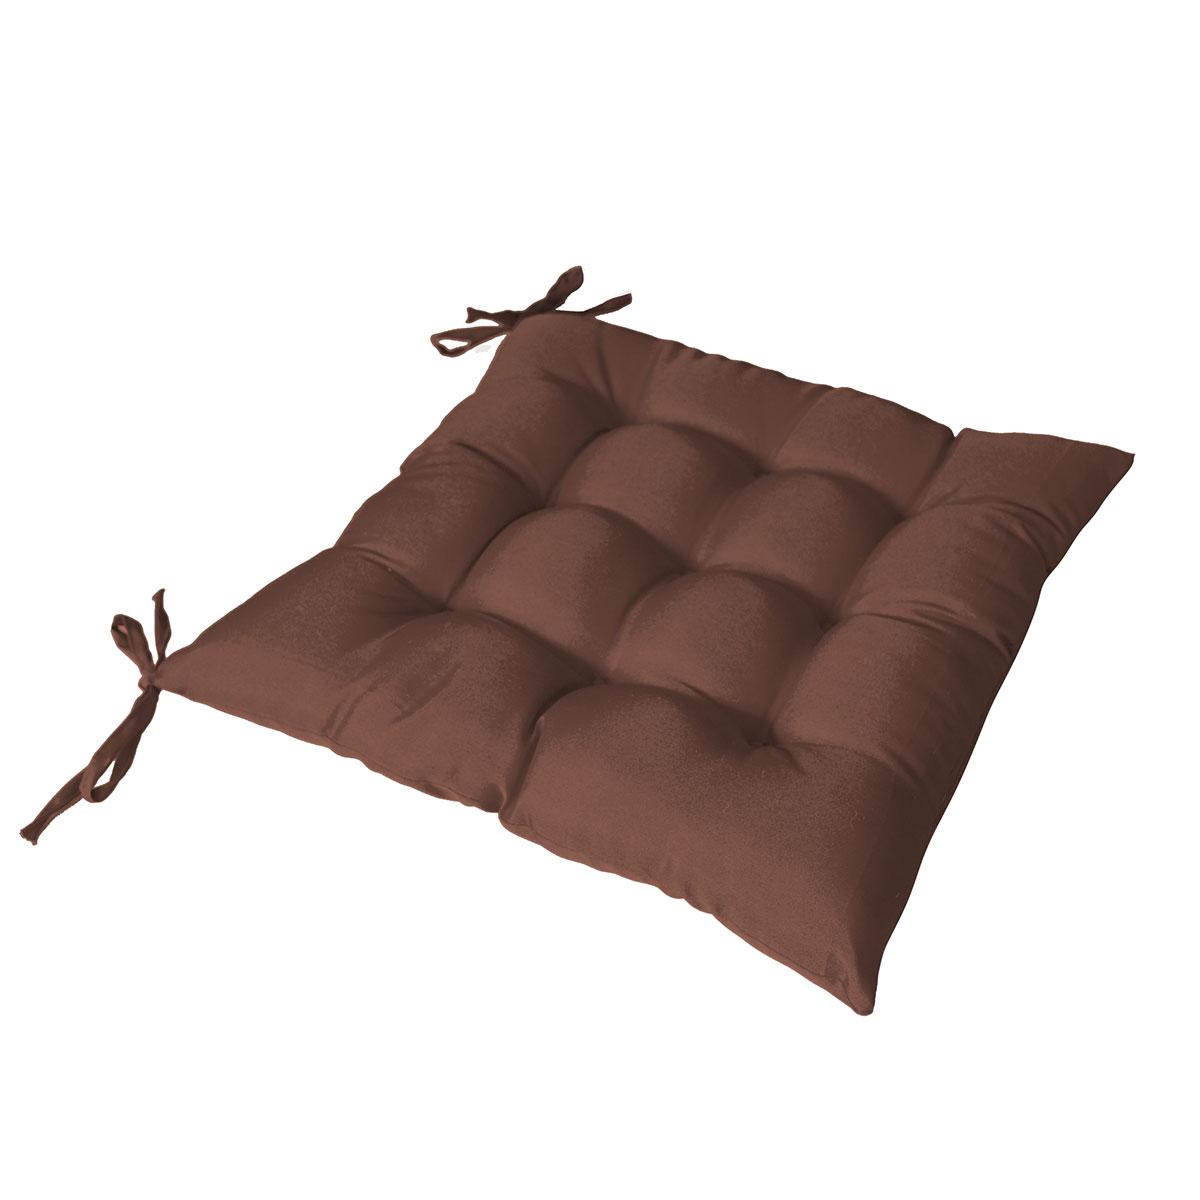 Galette de chaise piquée avec 2 nouettes - Chocolat - 40 x 40 cm